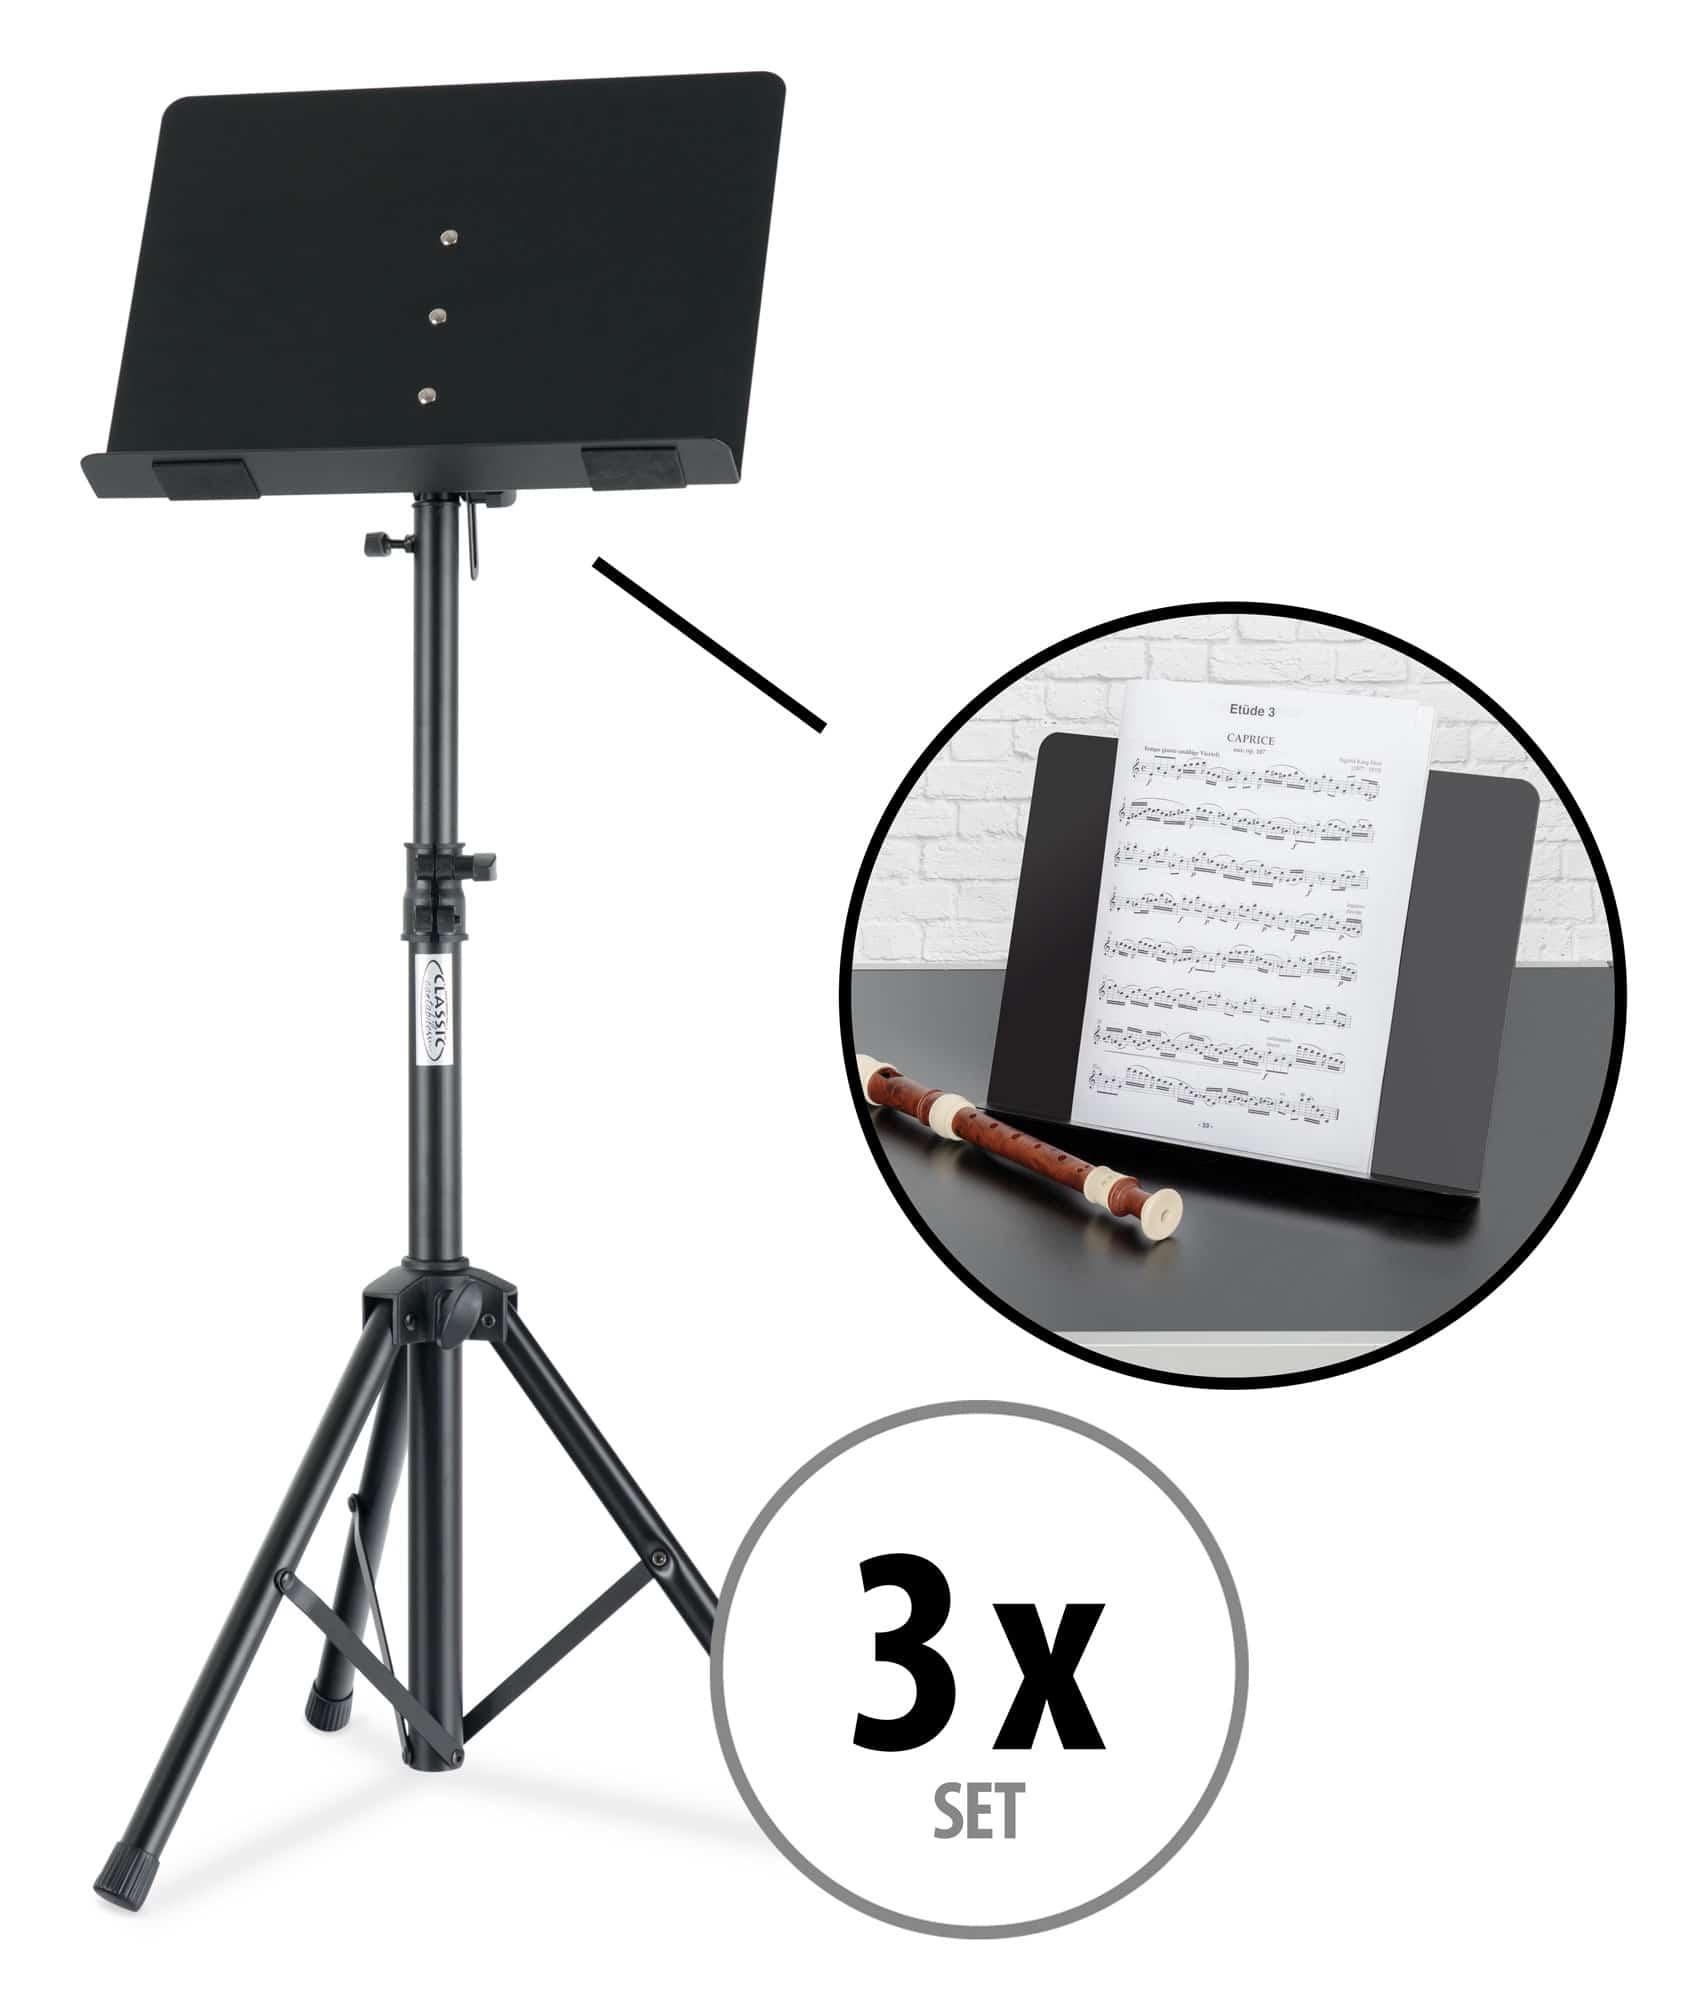 Musikerzubehoer - 3x Classic Cantabile OST 350 2 in 1 Notenpult Set - Onlineshop Musikhaus Kirstein